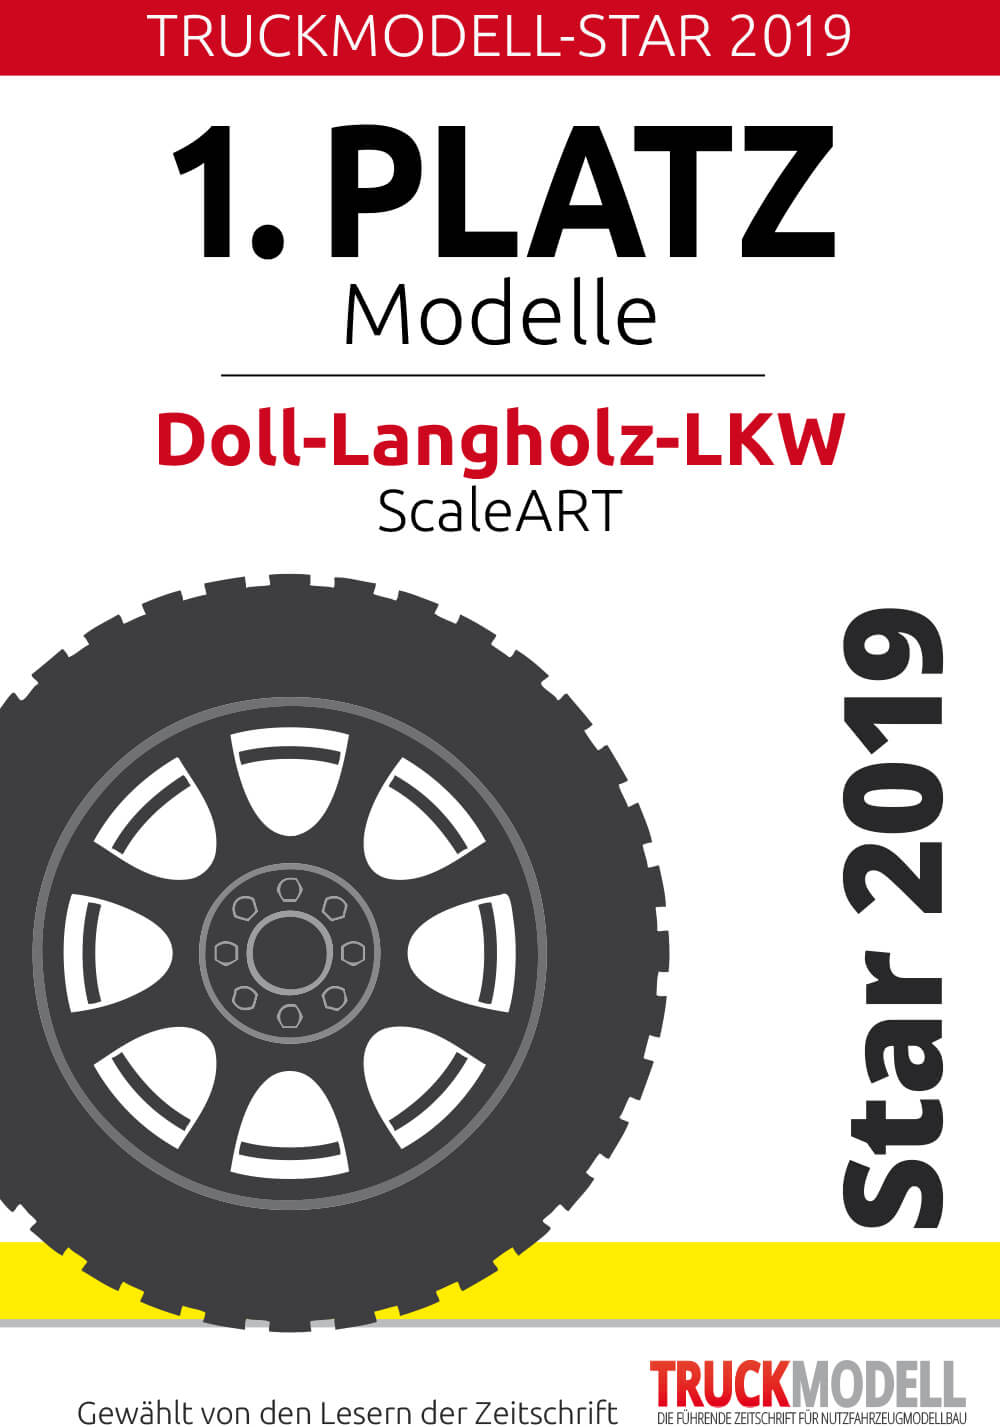 Award: TruckModell-Star 2019 - Doll-Langholz-LKW